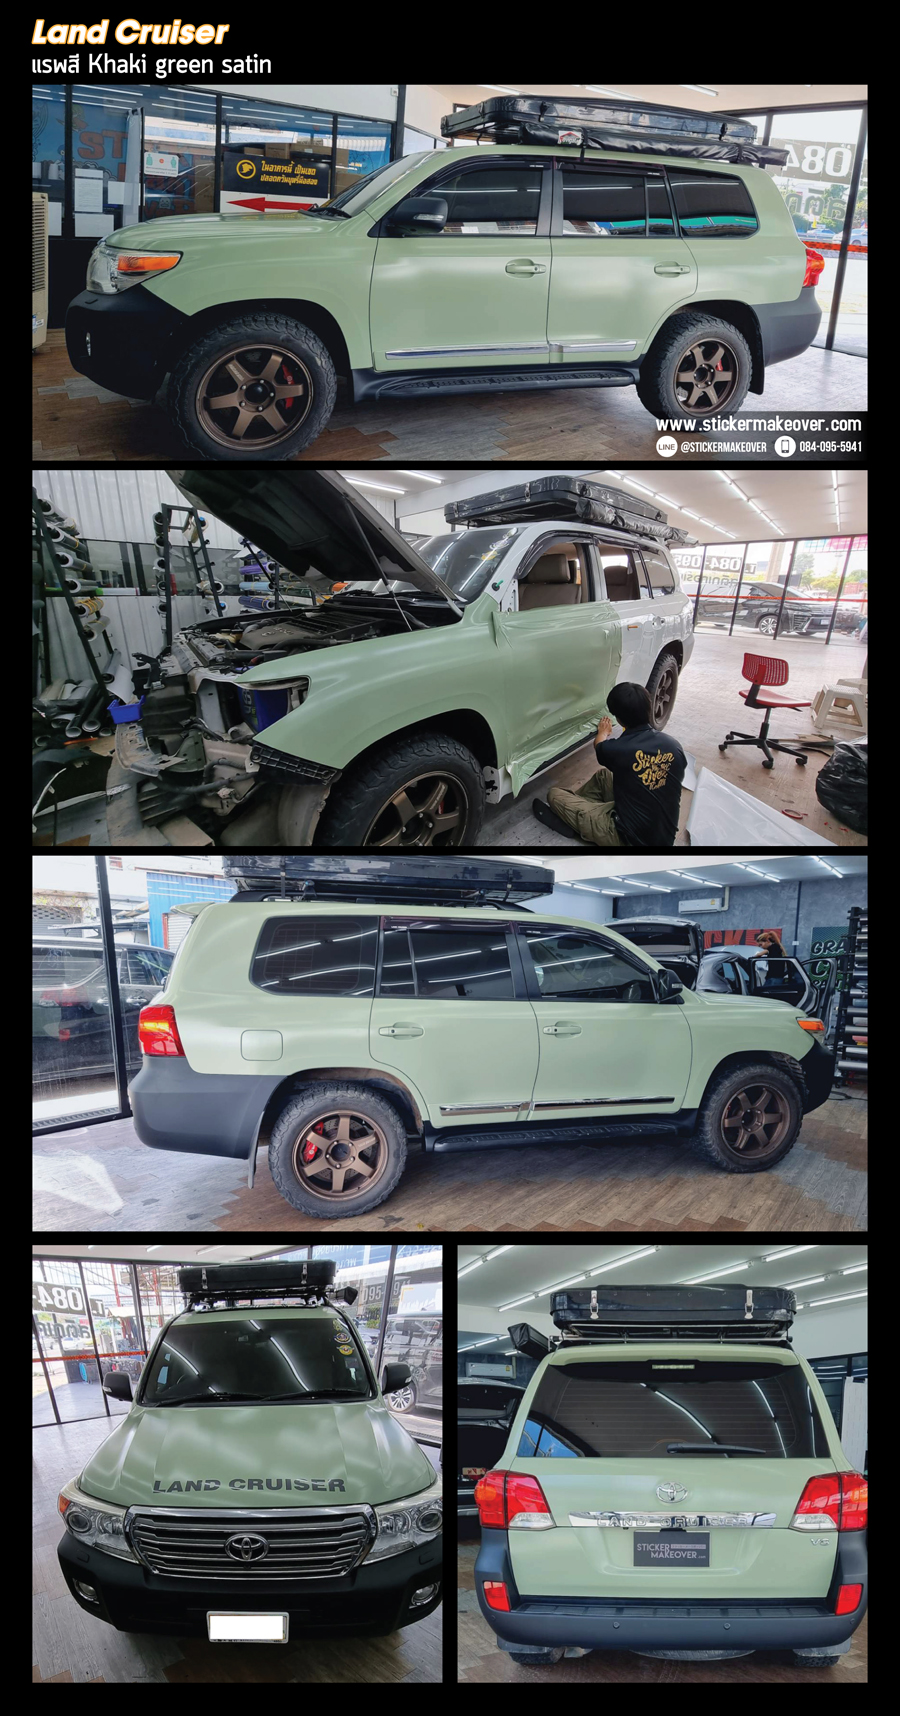 สติกเกอร์สี Khaki green satin หุ้มเปลี่ยนสี Land Cruiser หุ้มเปลี่ยนสีรถด้วยสติกเกอร์ wrap car  แรพเปลี่ยนสีรถ แรพสติกเกอร์สีรถ เปลี่ยนสีรถด้วยฟิล์ม หุ้มสติกเกอร์เปลี่ยนสีรถ wrapเปลี่ยนสีรถ ติดสติกเกอร์รถ ร้านสติกเกอร์แถวนนทบุรี หุ้มเปลี่ยนสีรถราคาไม่แพง สติกเกอร์ติดรถทั้งคัน ฟิล์มติดสีรถ สติกเกอร์หุ้มเปลี่ยนสีรถ3M  สติกเกอร์เปลี่ยนสีรถ oracal สติกเกอร์เปลี่ยนสีรถเทาซาติน